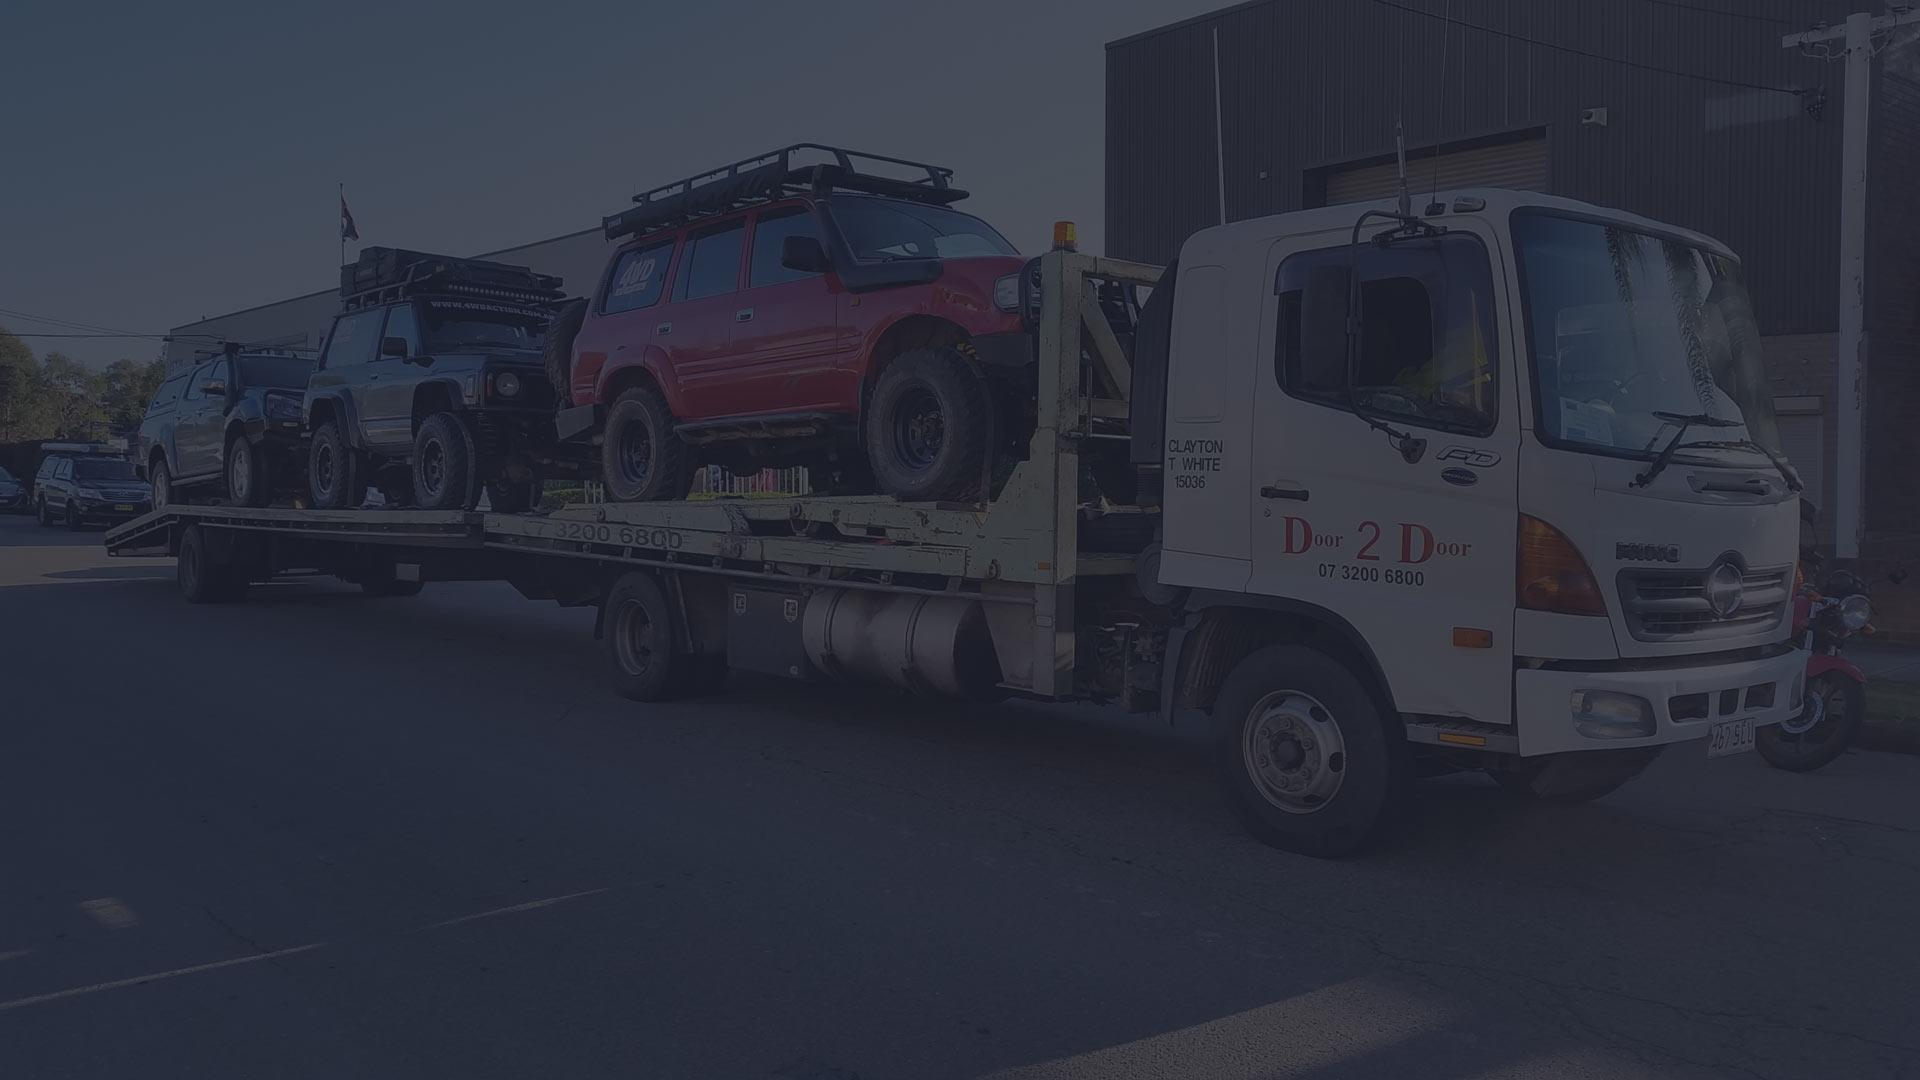 car-carrying-australia-hobby-moving-trucks